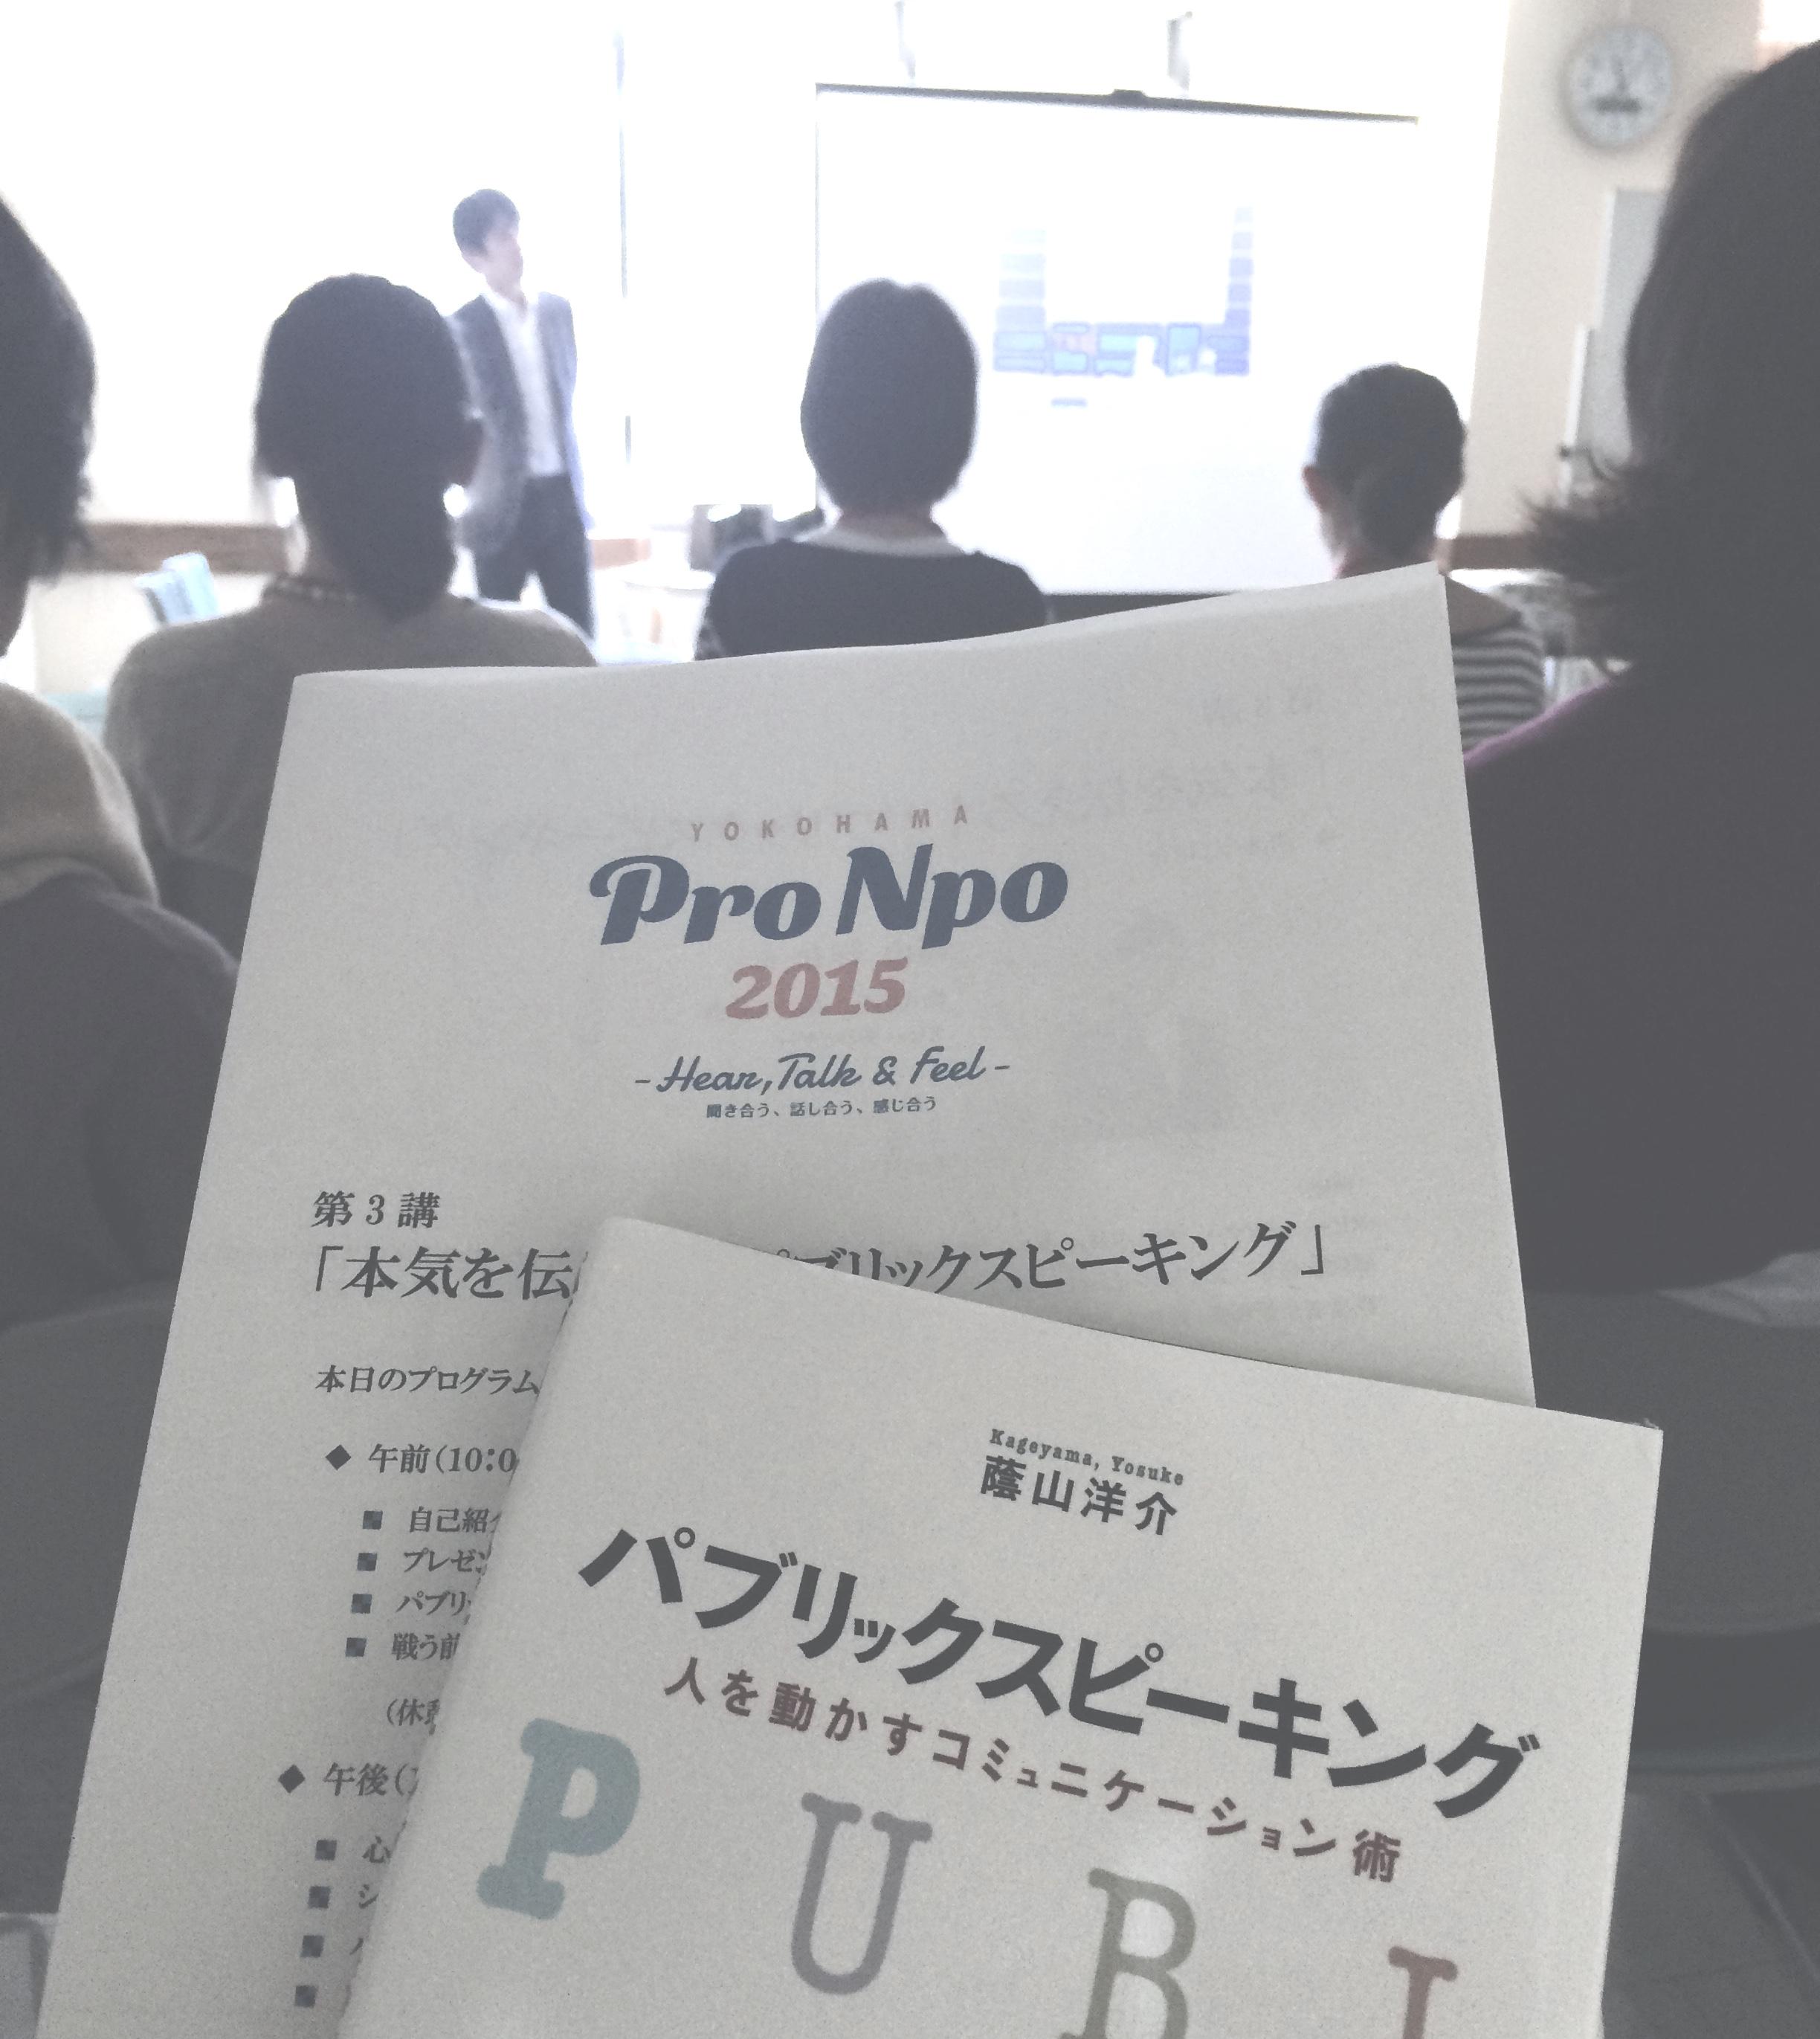 蔭山洋介先生の「パブリックスピーキング講座」で愛と感動のスピーチが完成したのだ